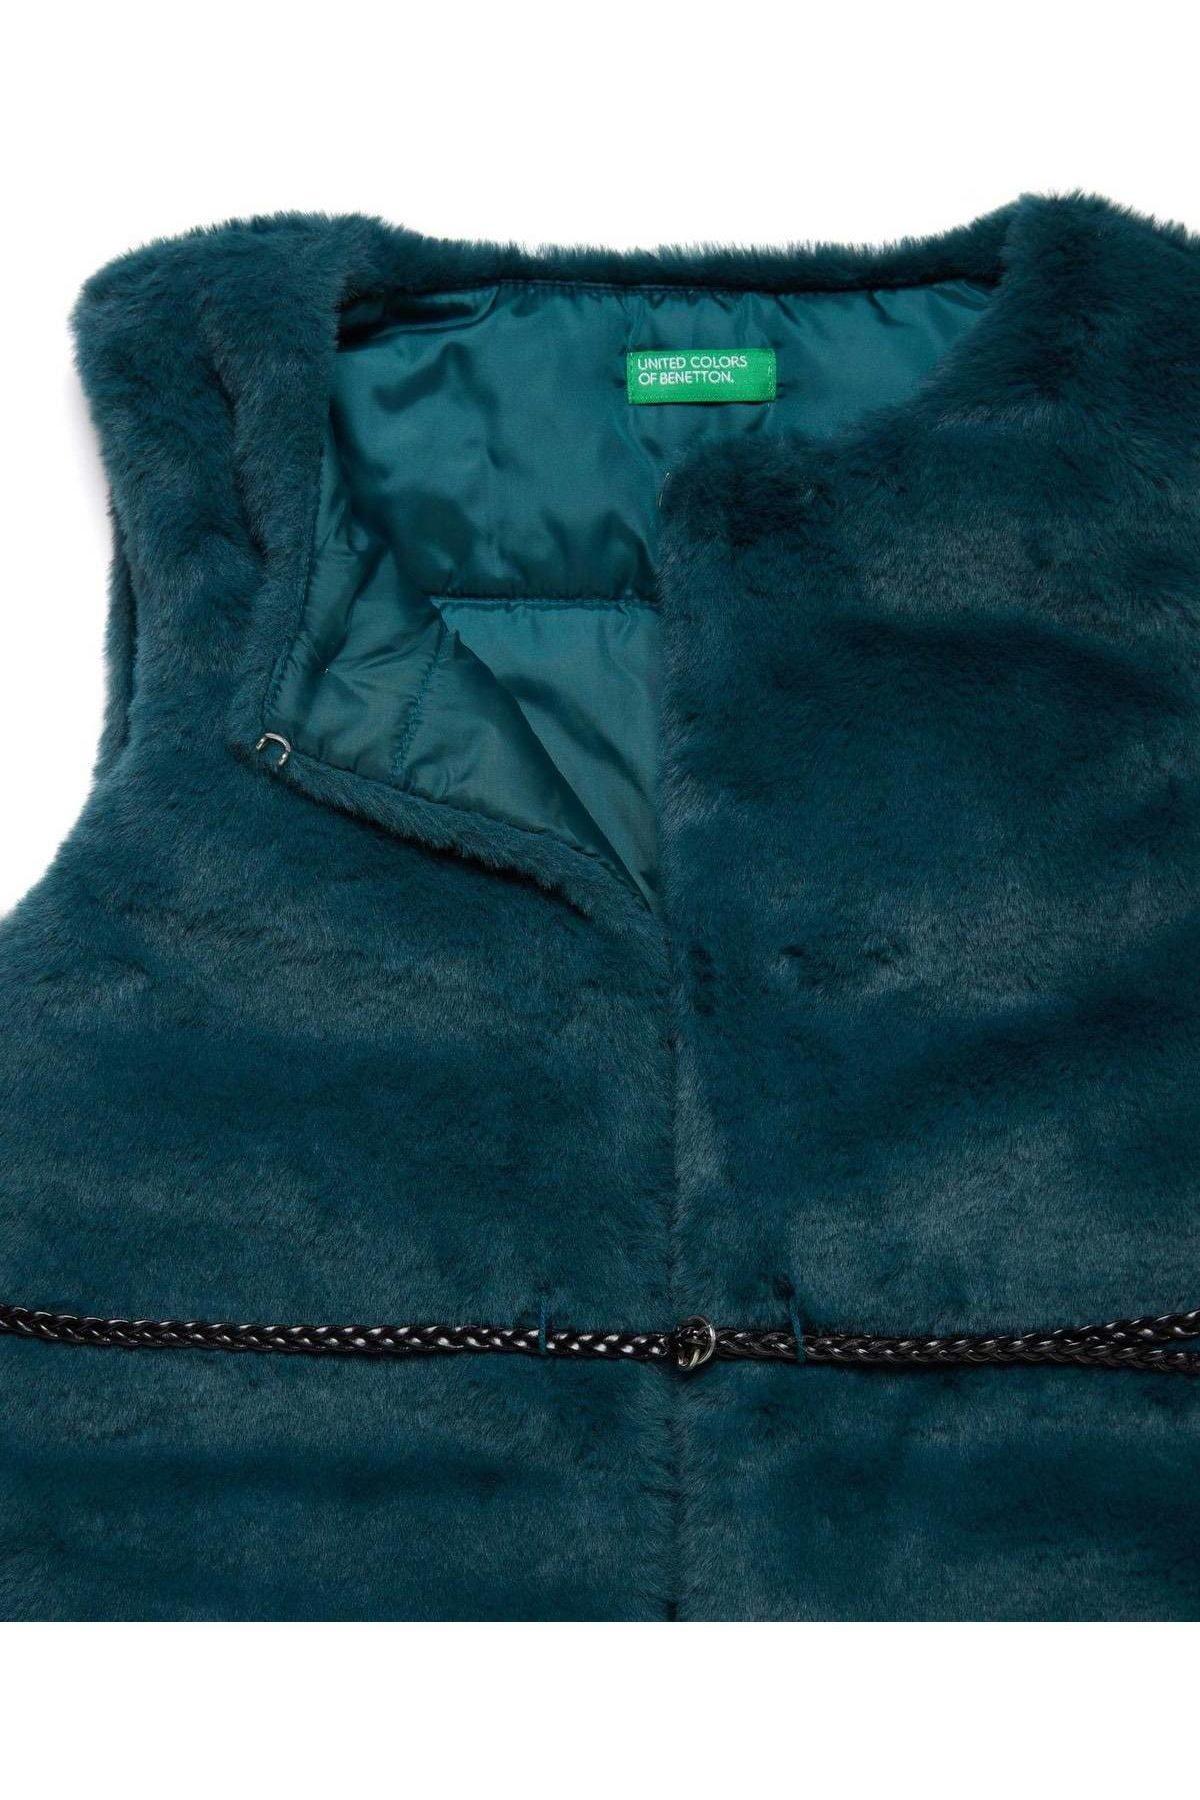 United Colors of Benetton Petrol Yeşili Kız Çocuk Kemer Detaylı Kürk Hırka 2